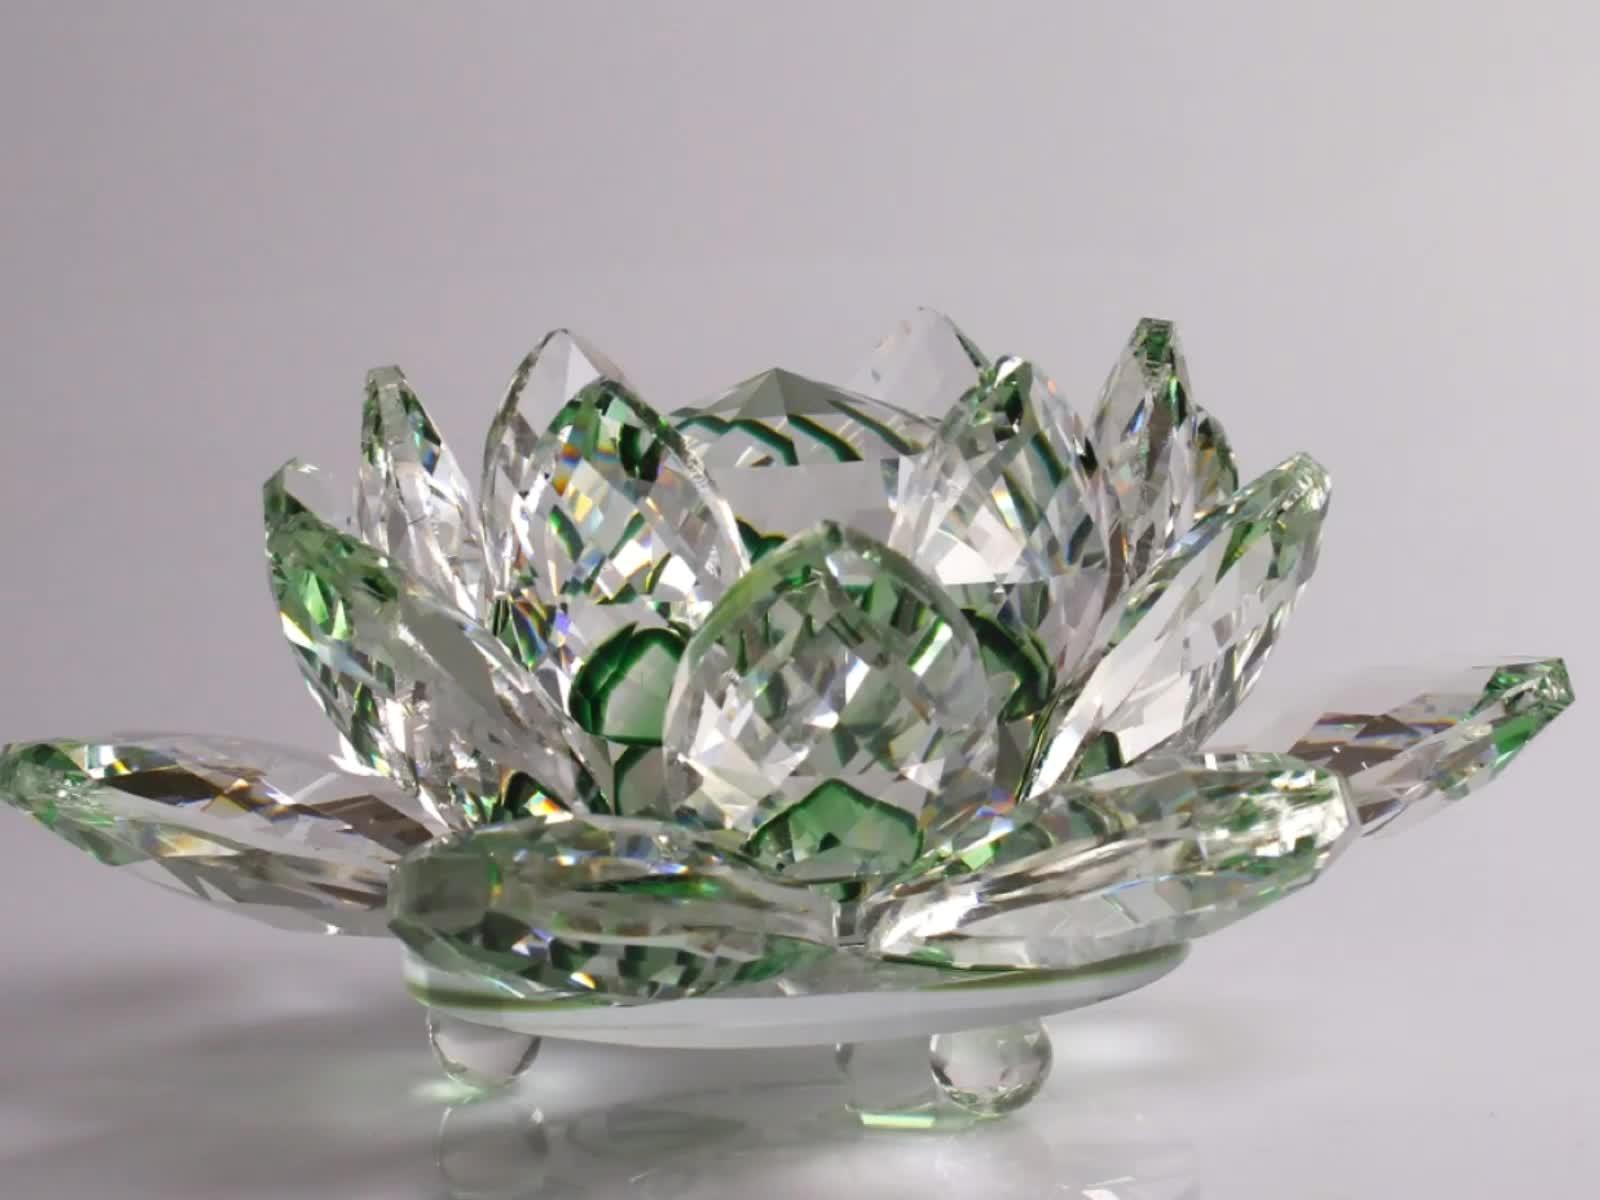 Venda por atacado De Cristal Suporte de Vela Forma de Flor De Lótus De Vidro Para Peças Centrais da Tabela Do Casamento